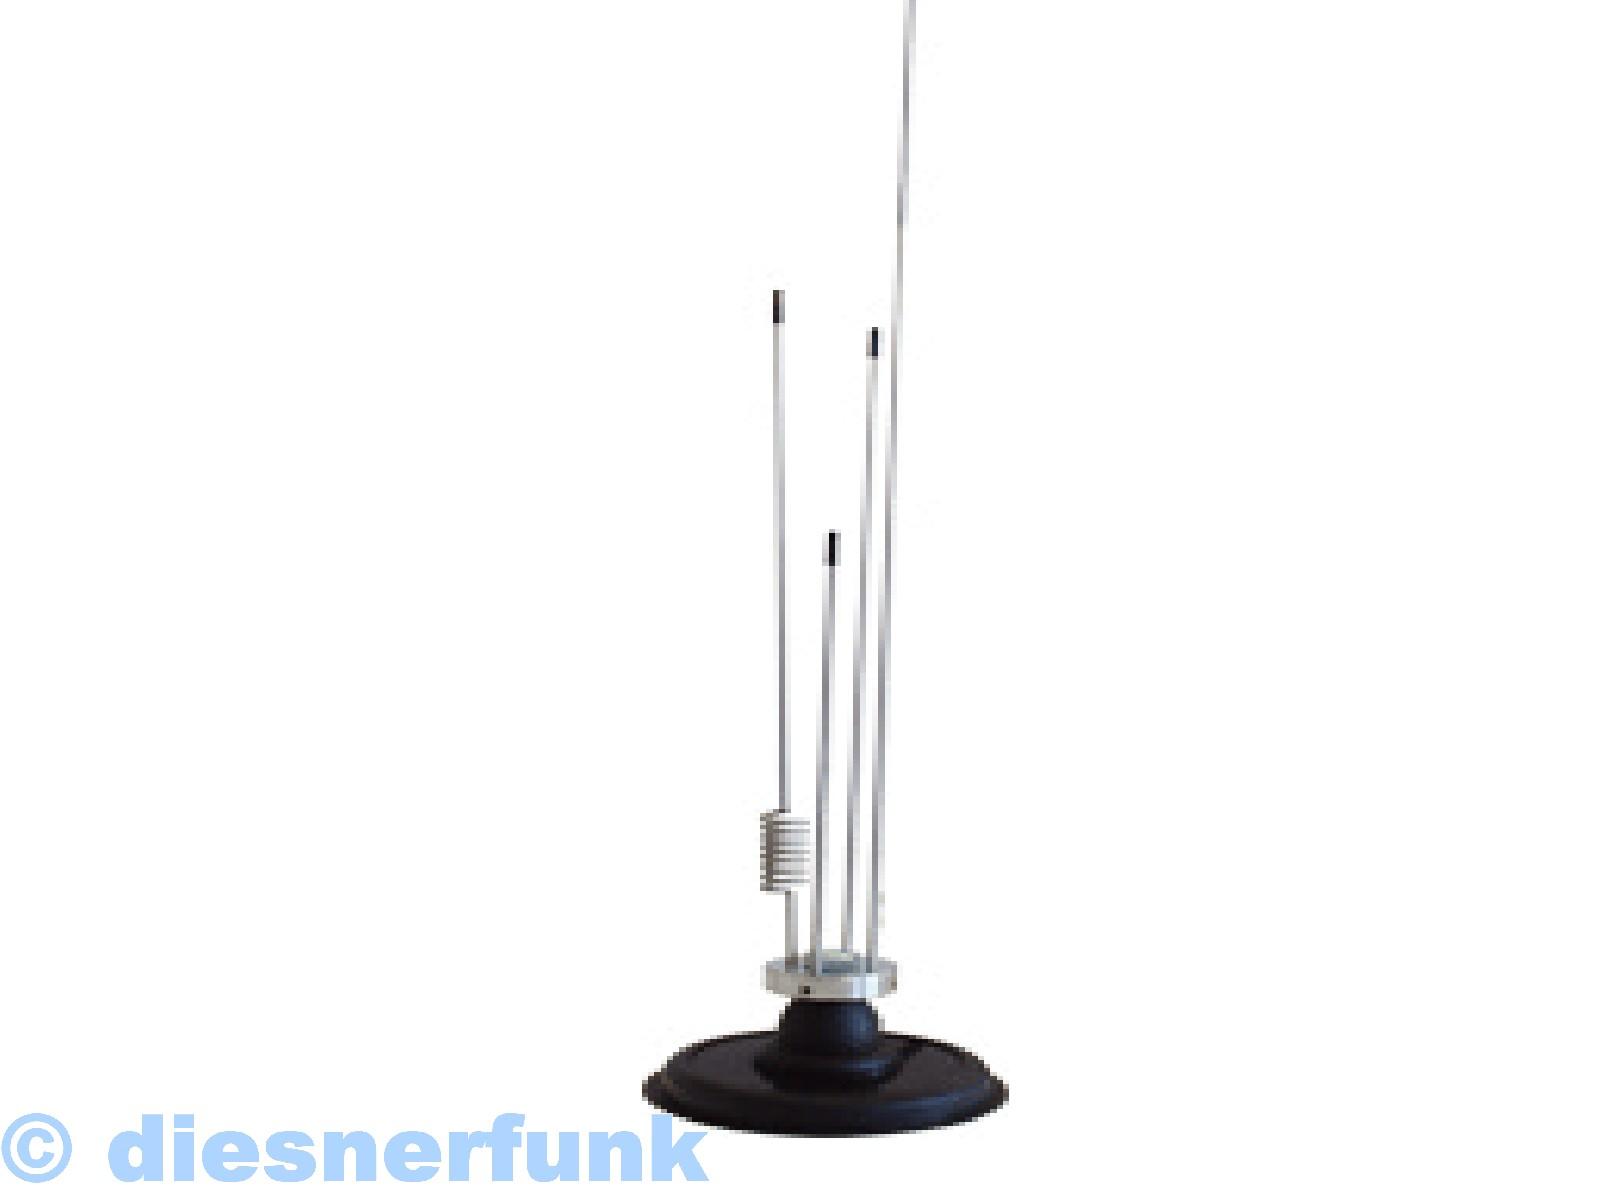 Funkscanner Sky Scan Mk2 Bos Magnet Antenne Fur Scanner